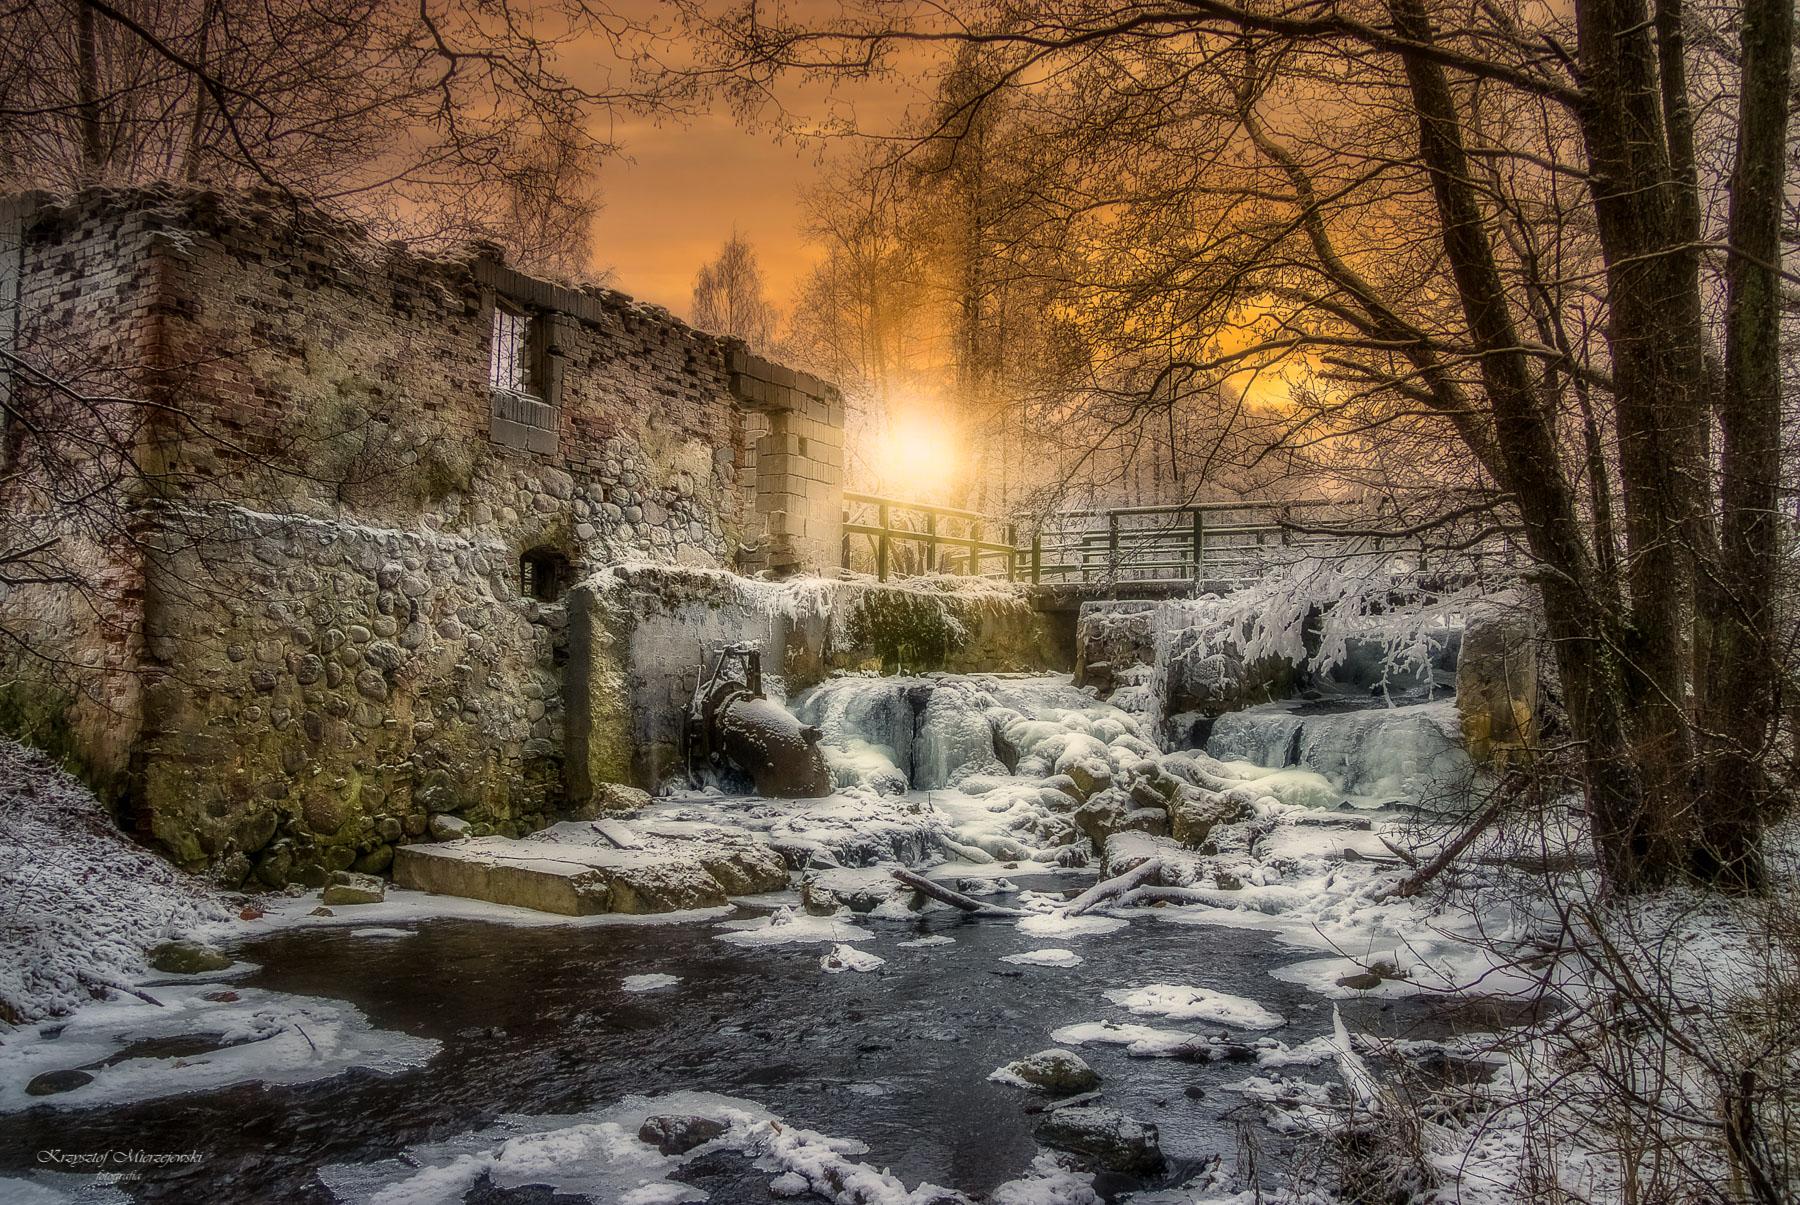 Zimowy Turtul. Fot.K.Mierzejewski